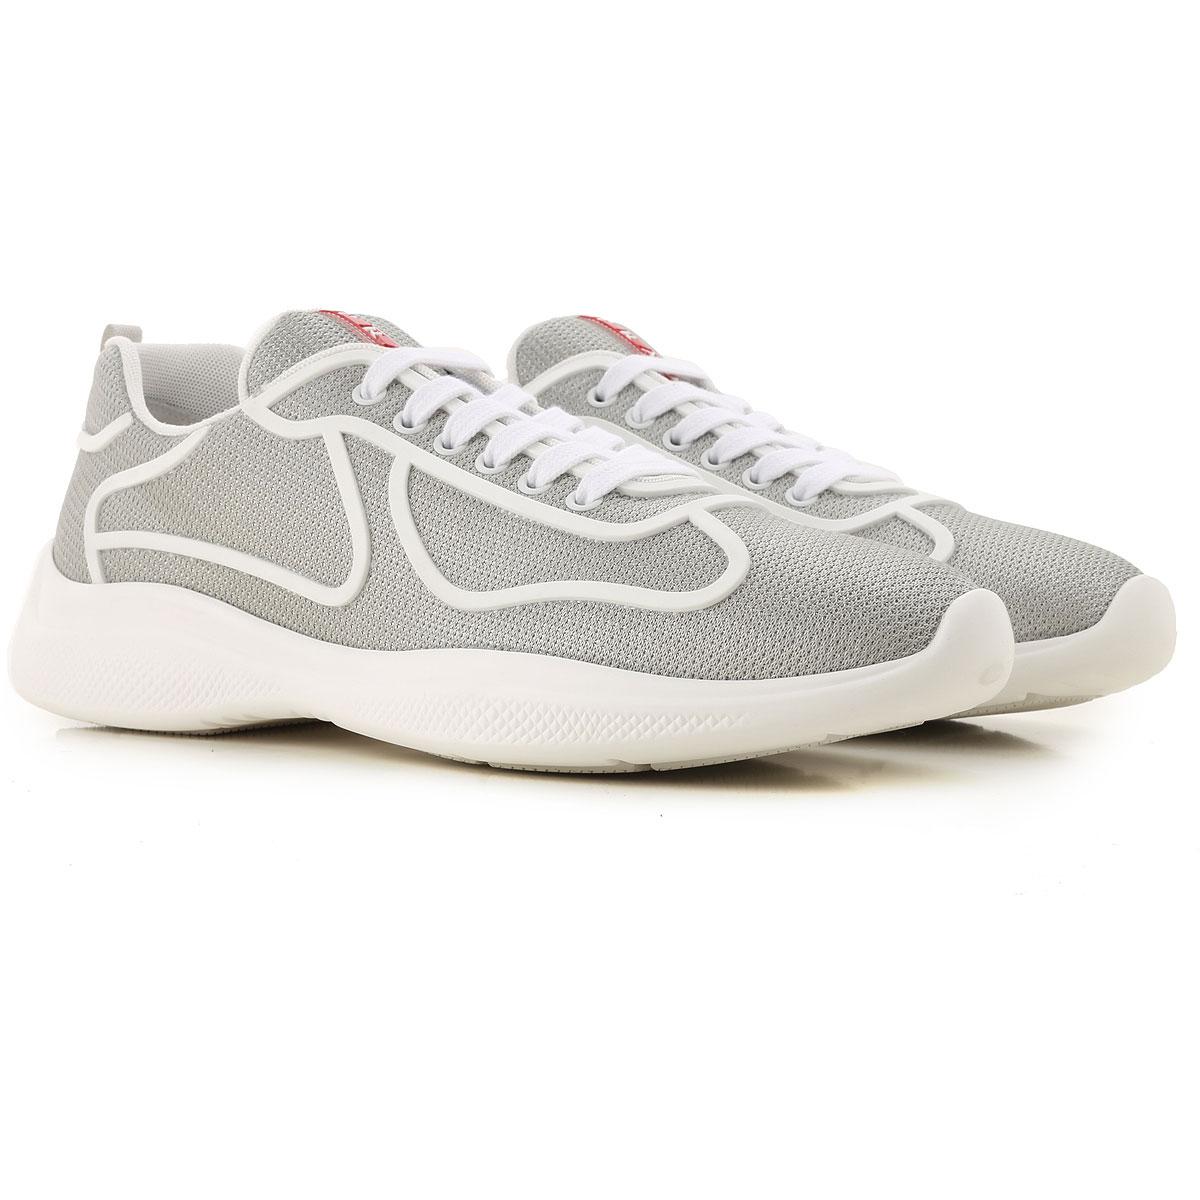 c5dd3bb3 Mens Shoes Prada, Style code: 4e3390-18l-f0an01